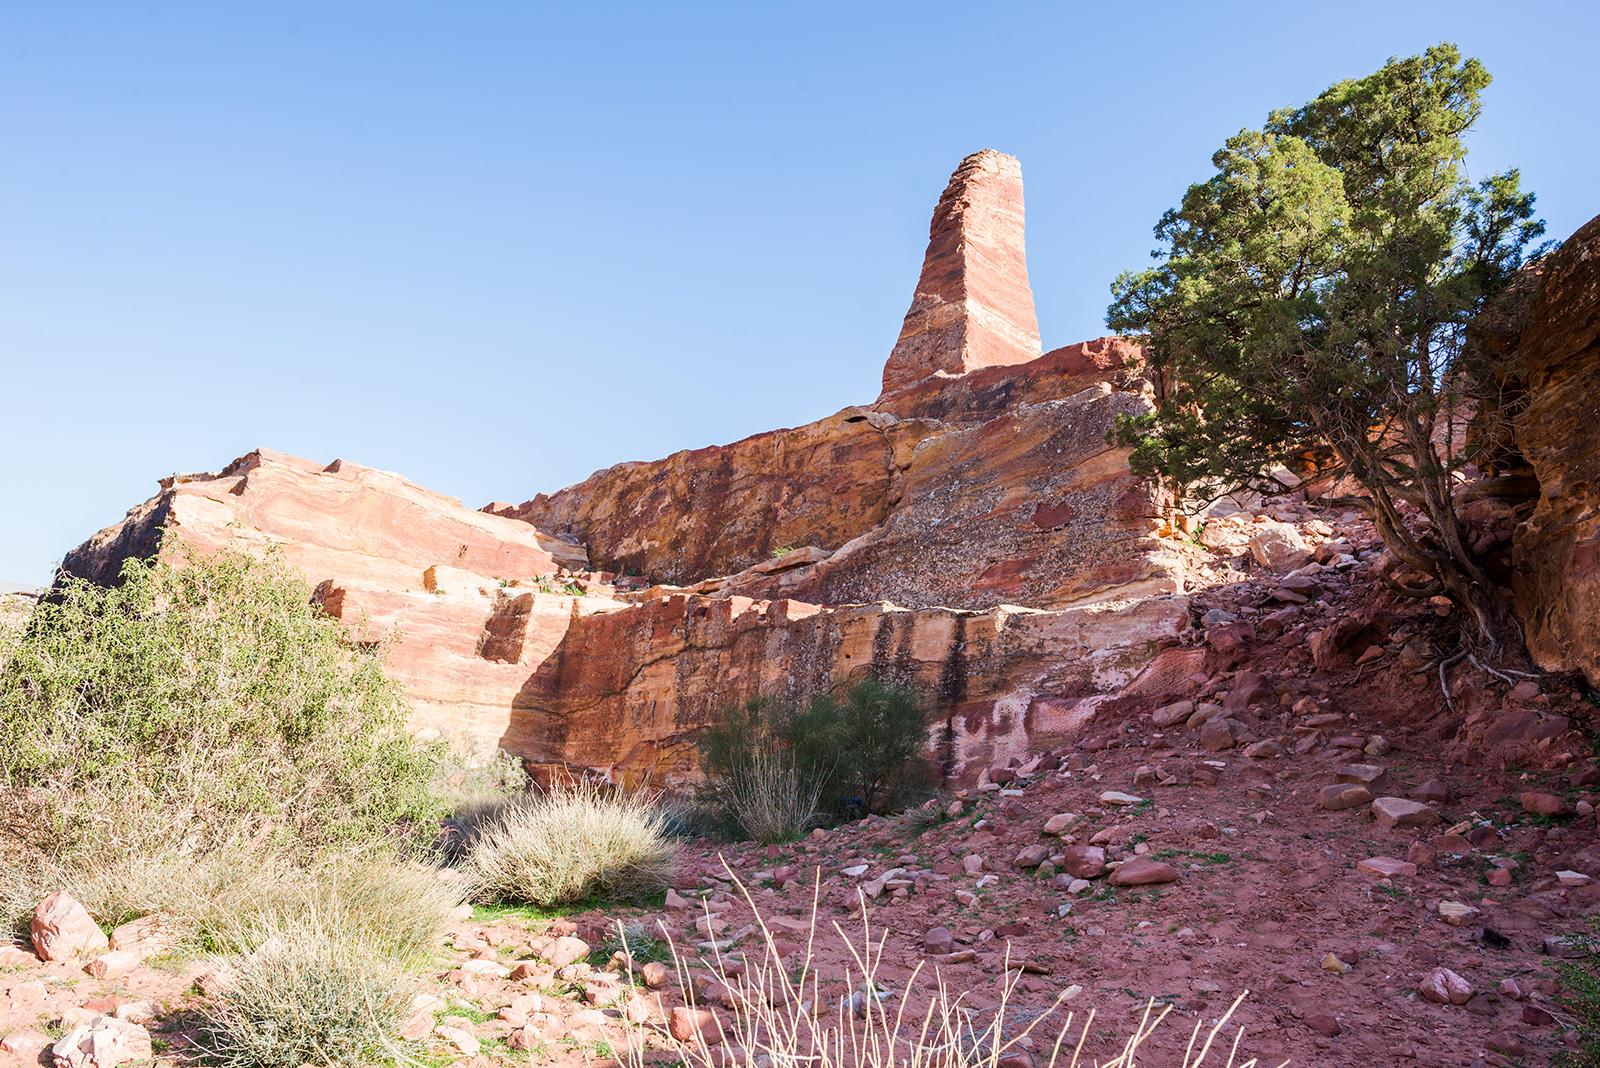 monolit v jordánské Petře